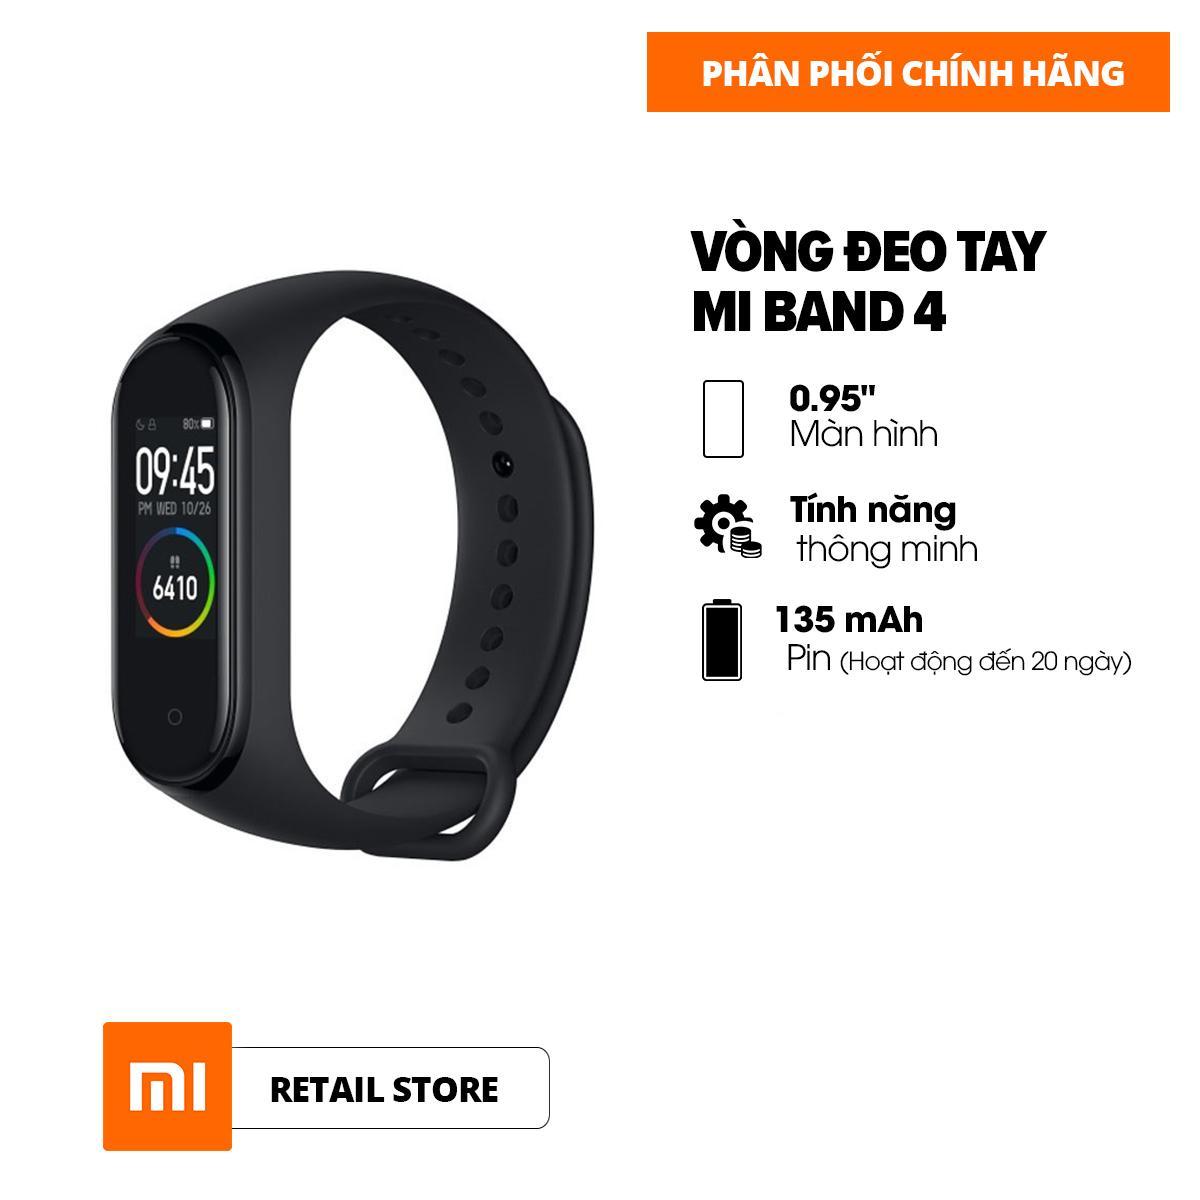 [HÀNG CHÍNH HÃNG - BẢO HÀNH 12 THÁNG] Vòng đeo tay thông minh Xiaomi Mi Band 4 - Màn hình AMOLED 0.95 inch - 6 chế độ tập luyện - Hỗ trợ tiếng Việt - Chống nước 50m